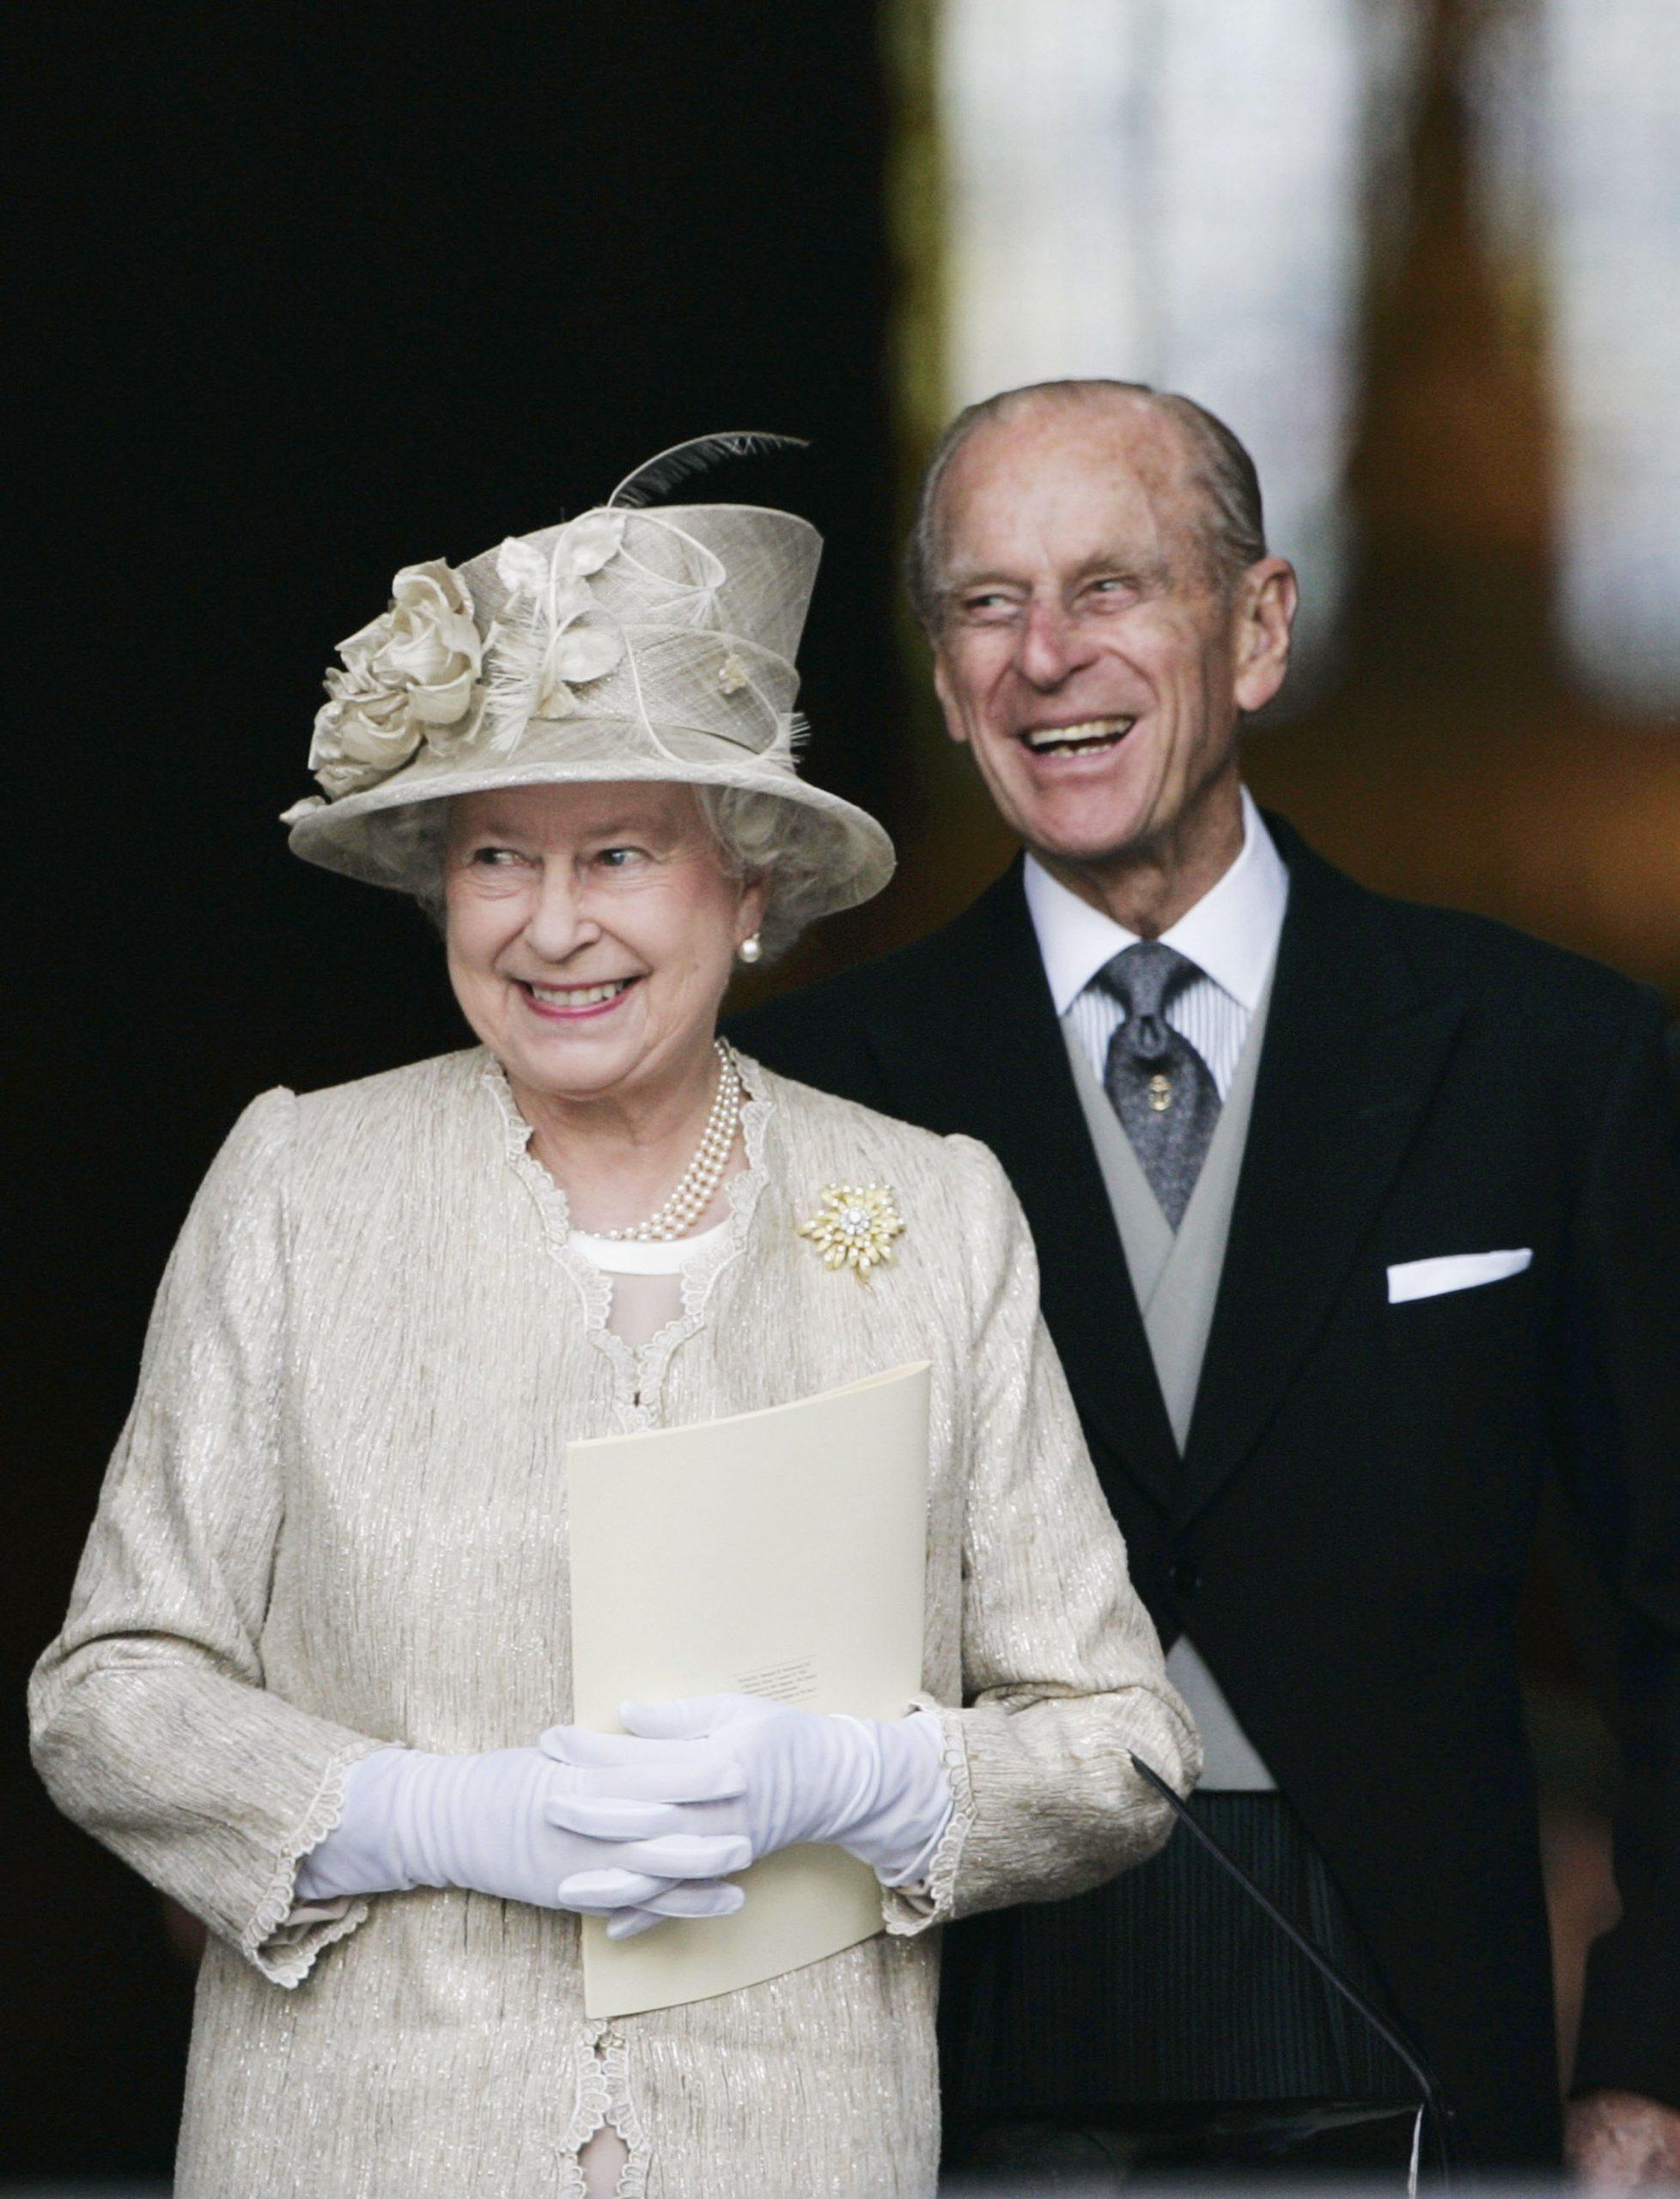 La Reine Elizabeth II et le Prince Philip, Duc d'Edimbourg, arrivent à la cathédrale St Paul pour un service d'action de grâce organisé en l'honneur du 80e anniversaire de la Reine, le 15 juin 2006 à Londres.